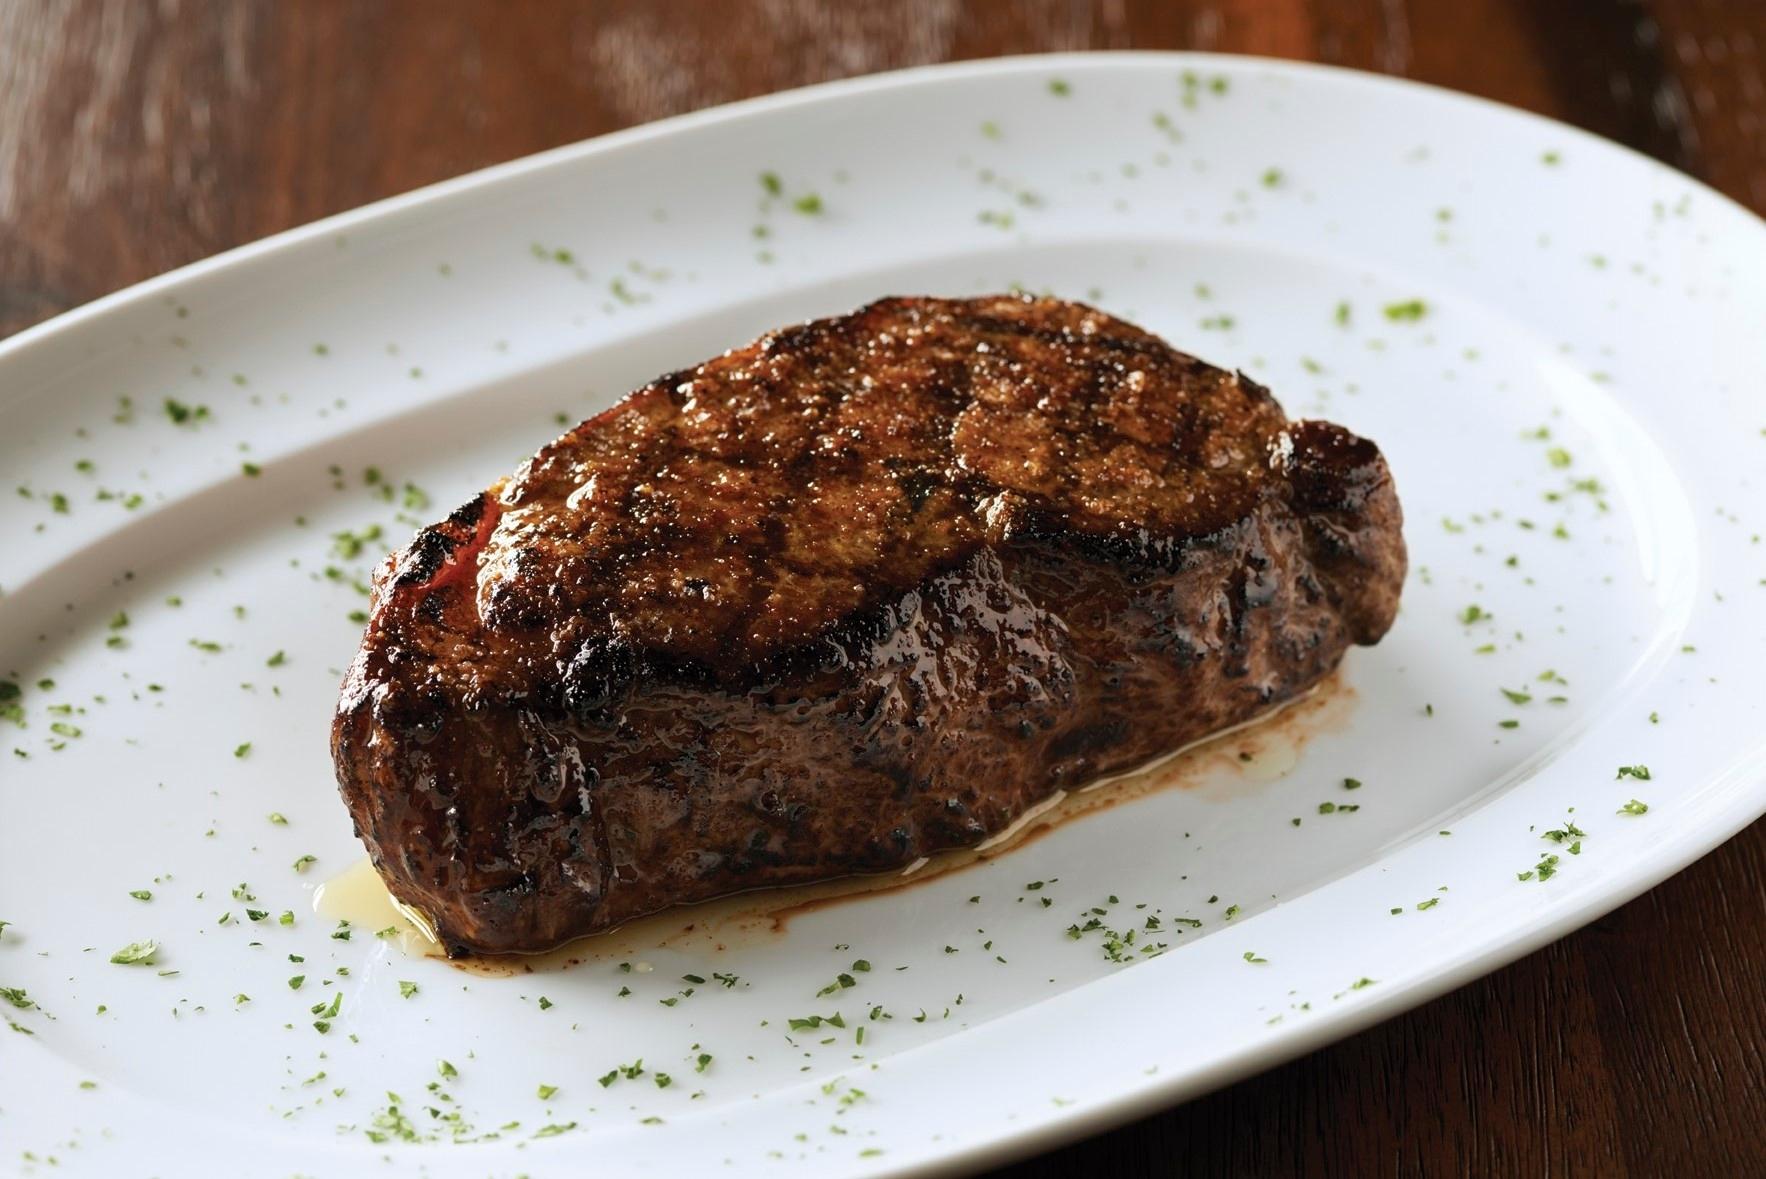 Mastro's Steakhouse image 4